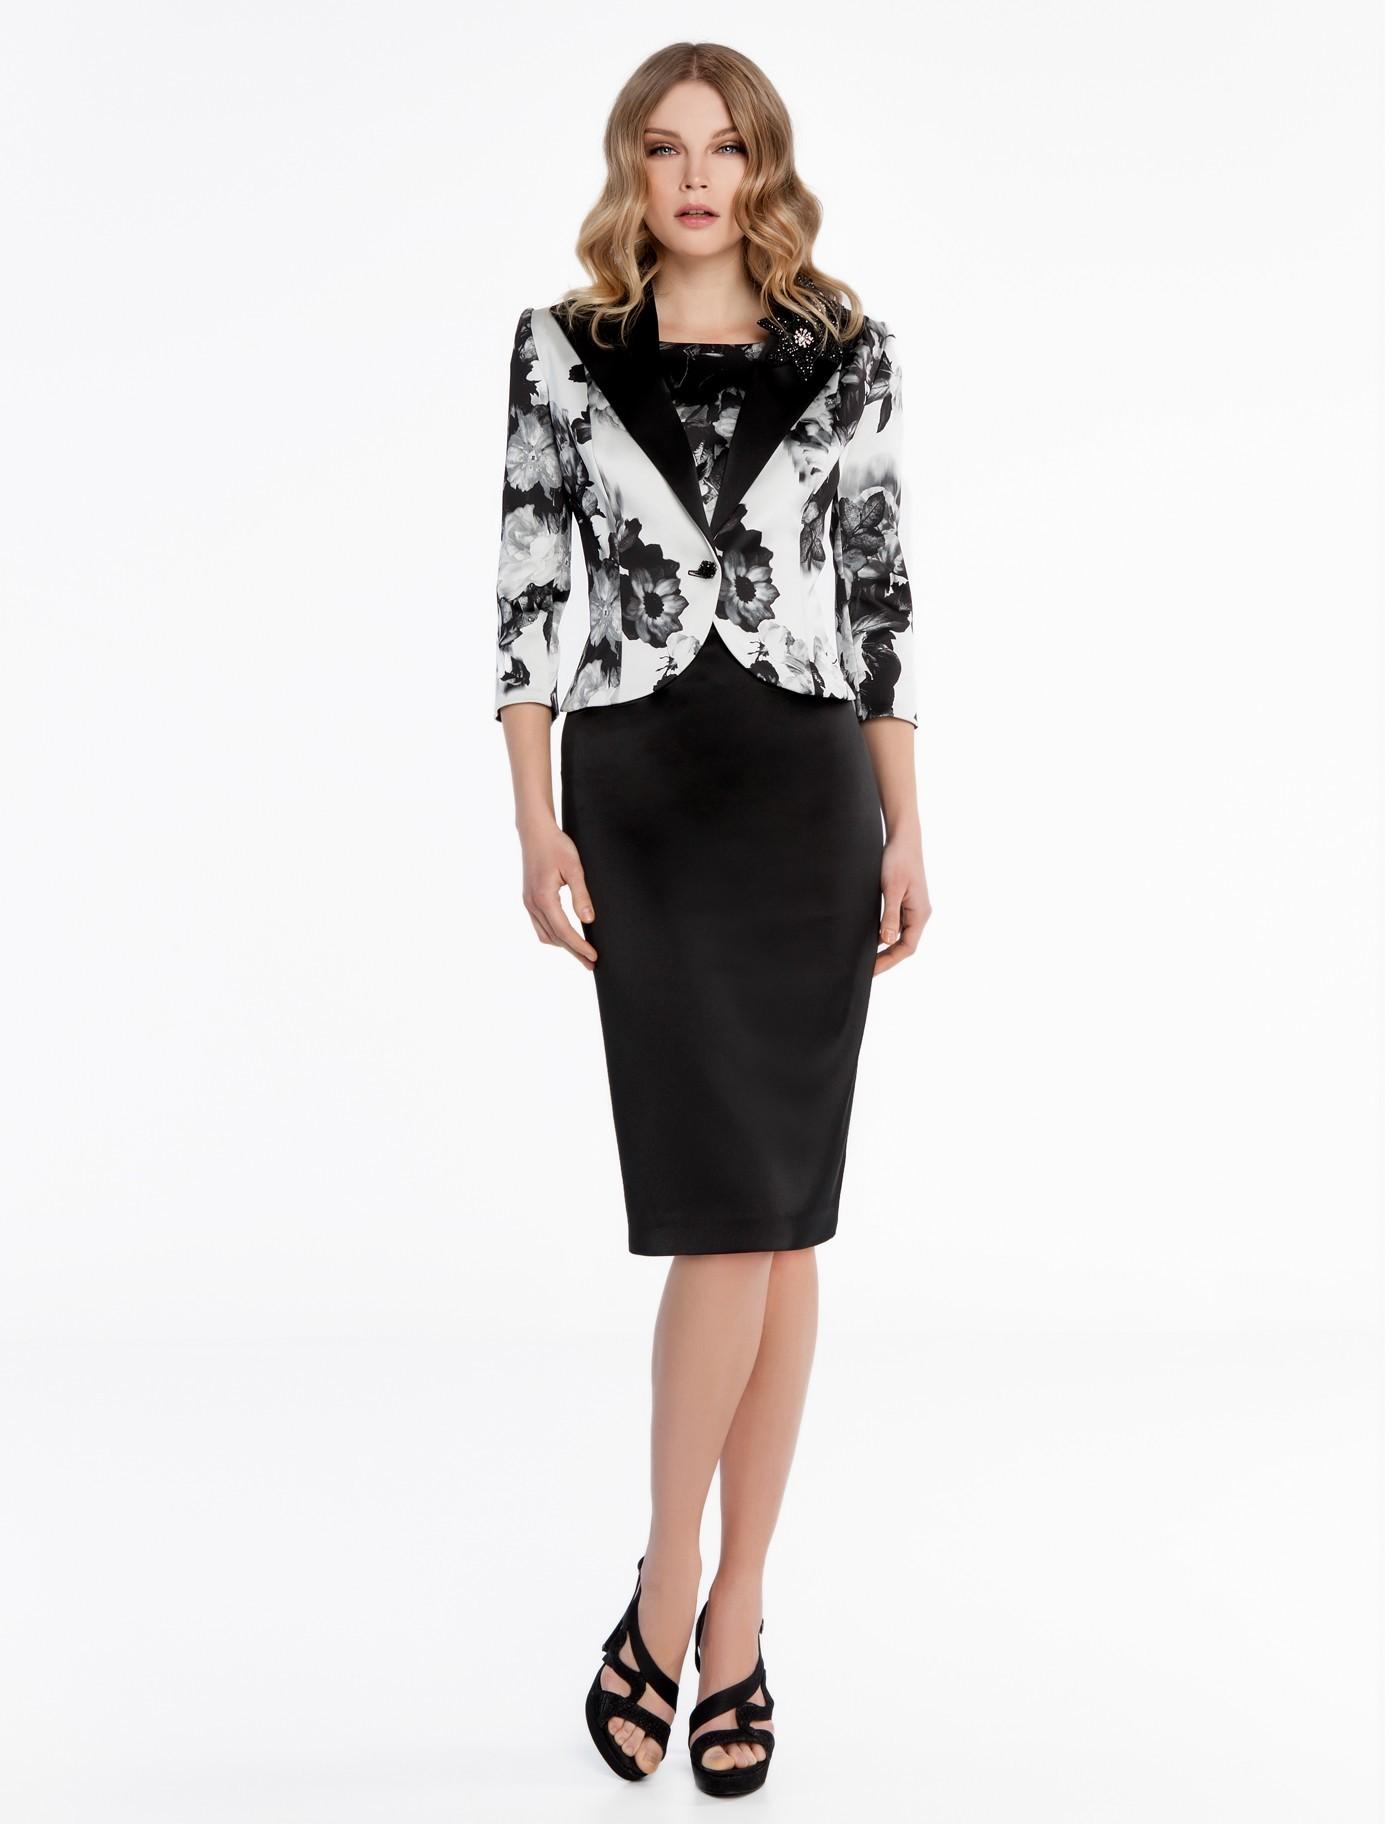 molto carino 464a6 ff8f4 Abito e giacca bianco e nero Sonia Pena - Rosapiuma On-Line Boutique